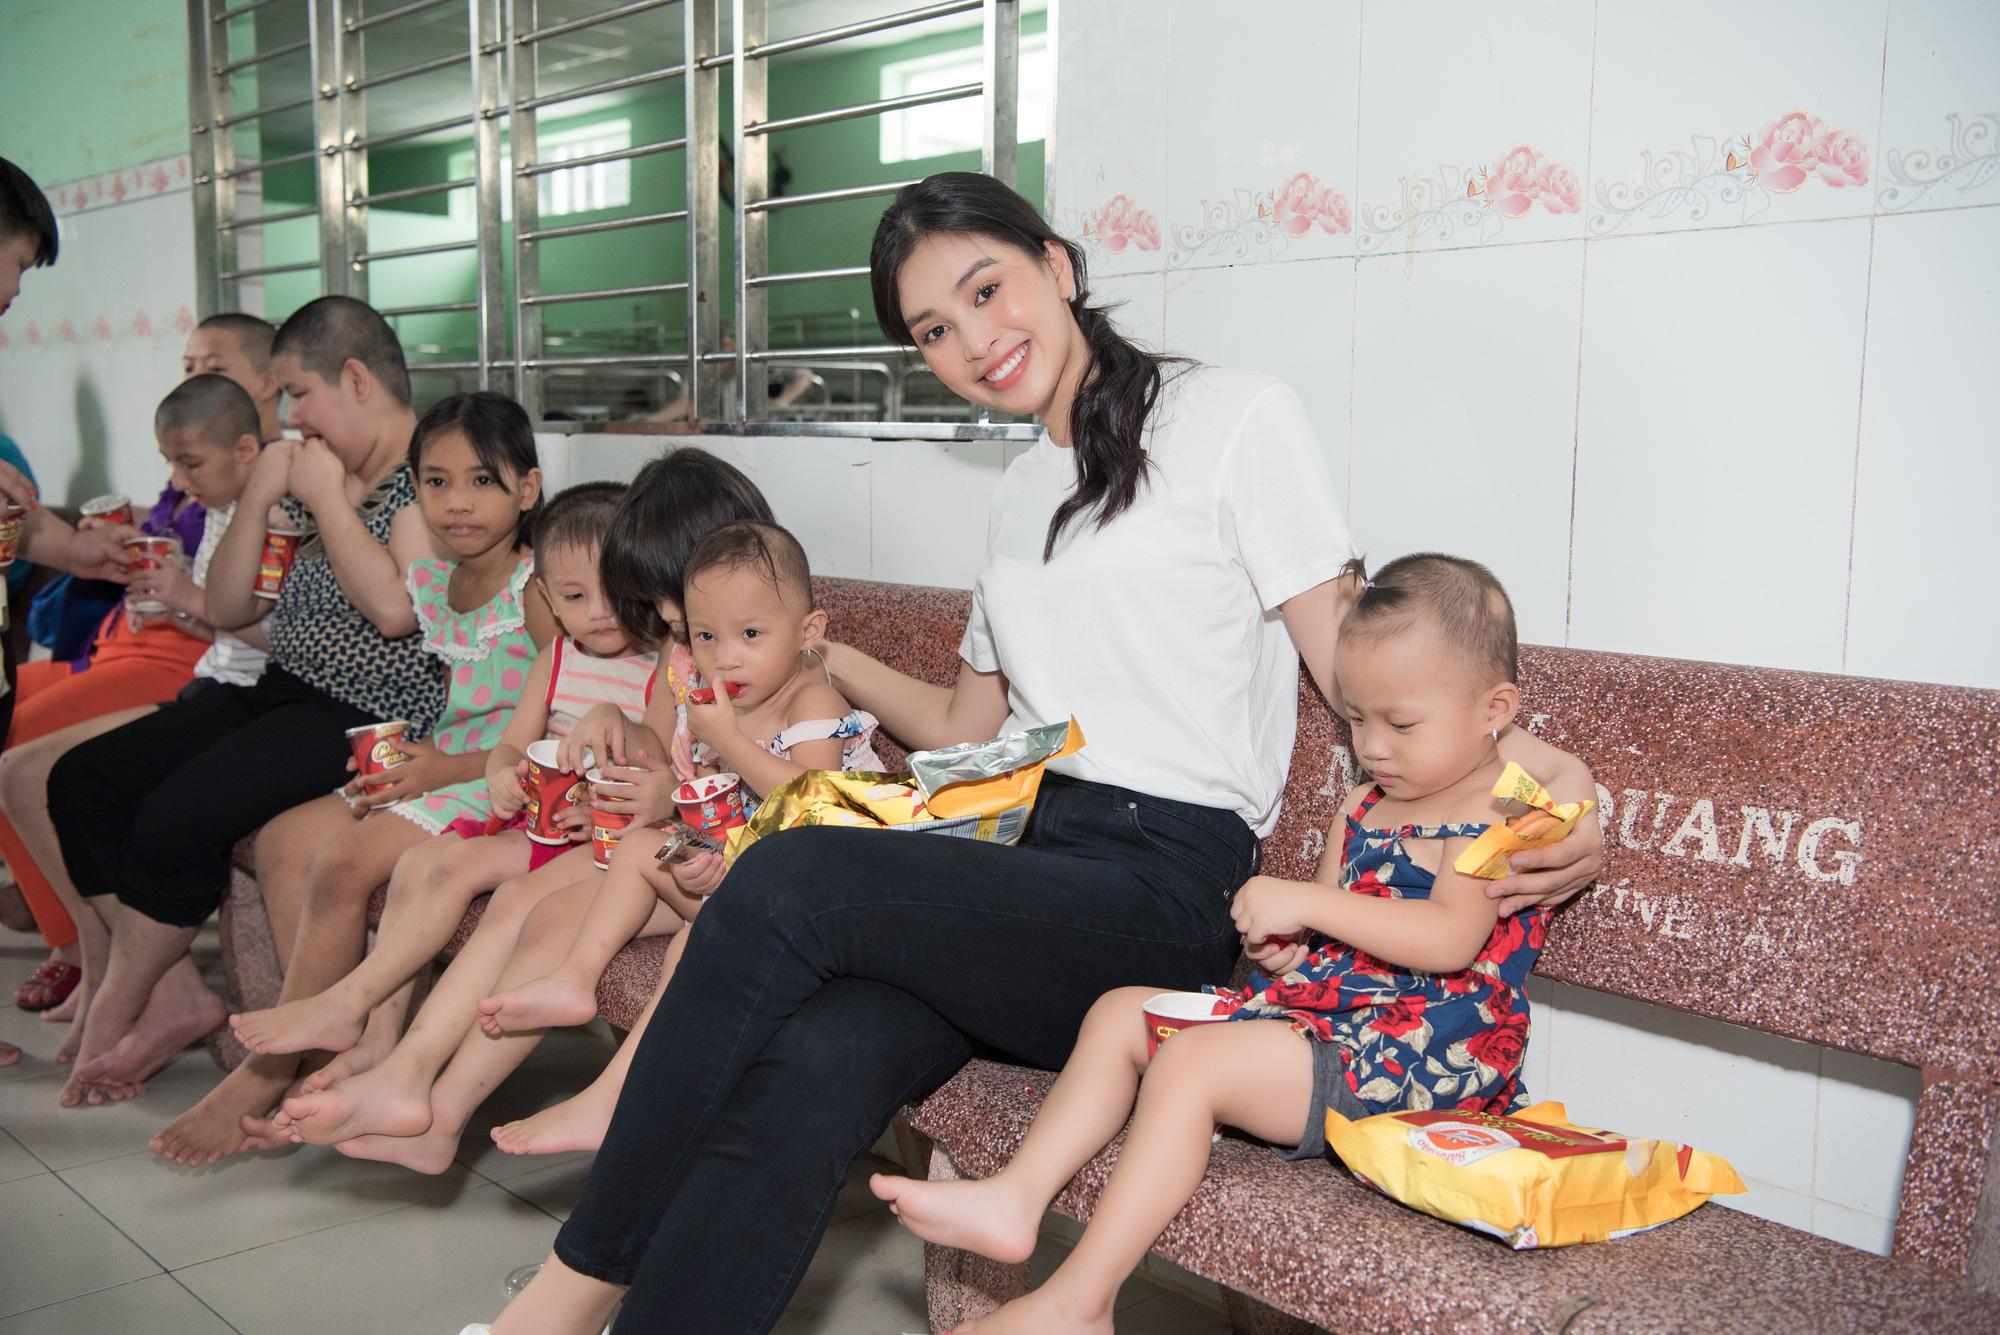 Lương Thuỳ Linh, Trần Tiểu Vy mặc giản dị xinh đẹp tặng quà cho trẻ em mồ côi ngày Quốc tế Thiếu nhi - Ảnh 1.